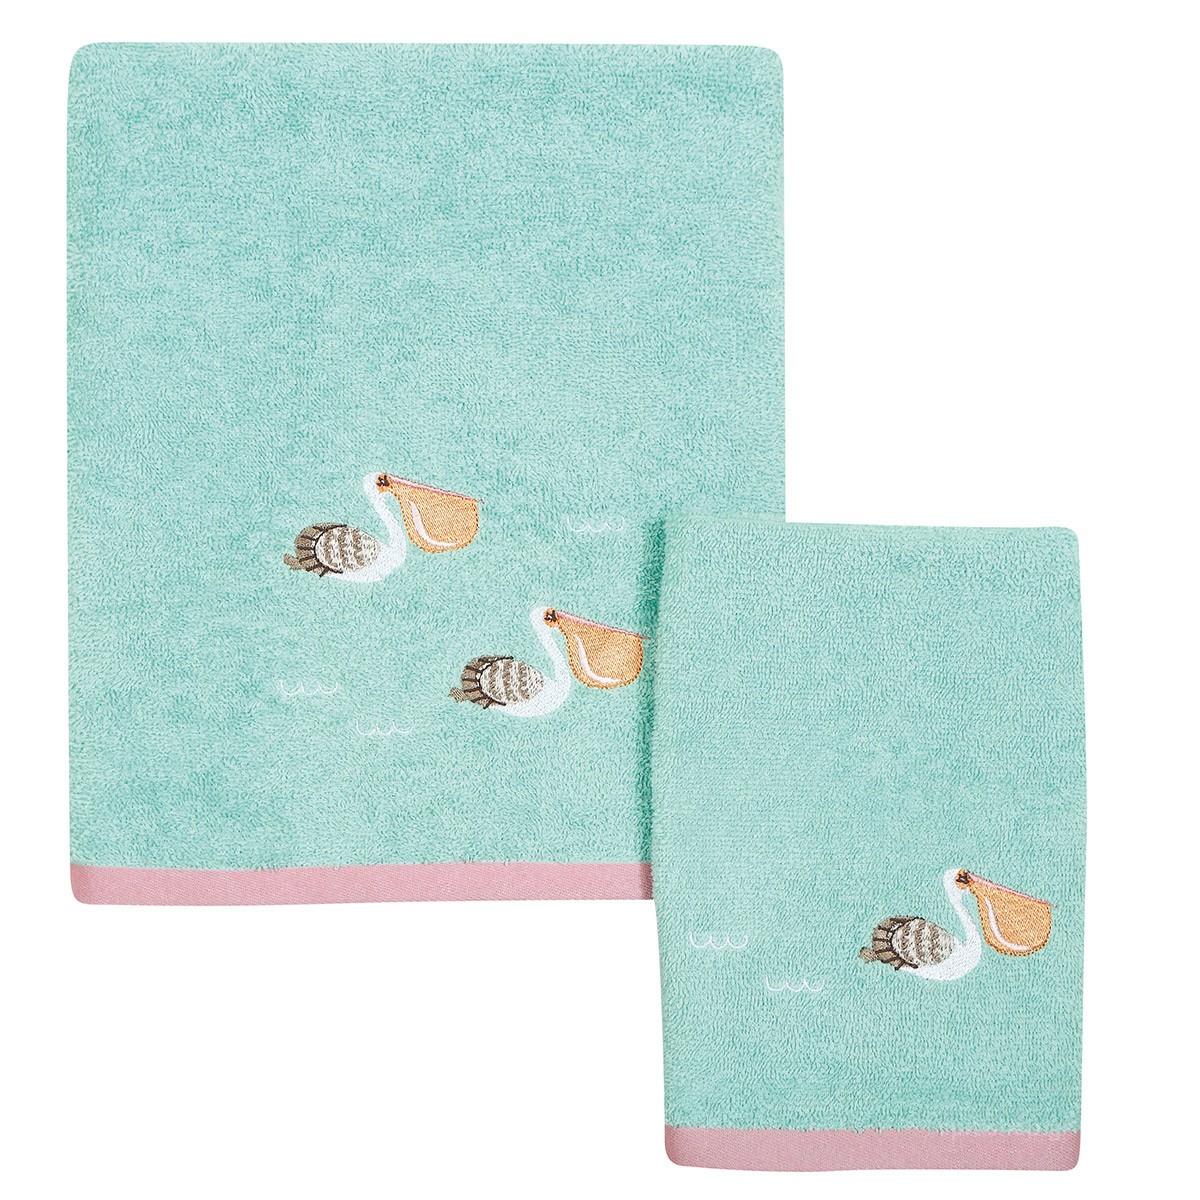 Βρεφικές Πετσέτες (Σετ 2τμχ) Das Home Fun Prints 6451 89987